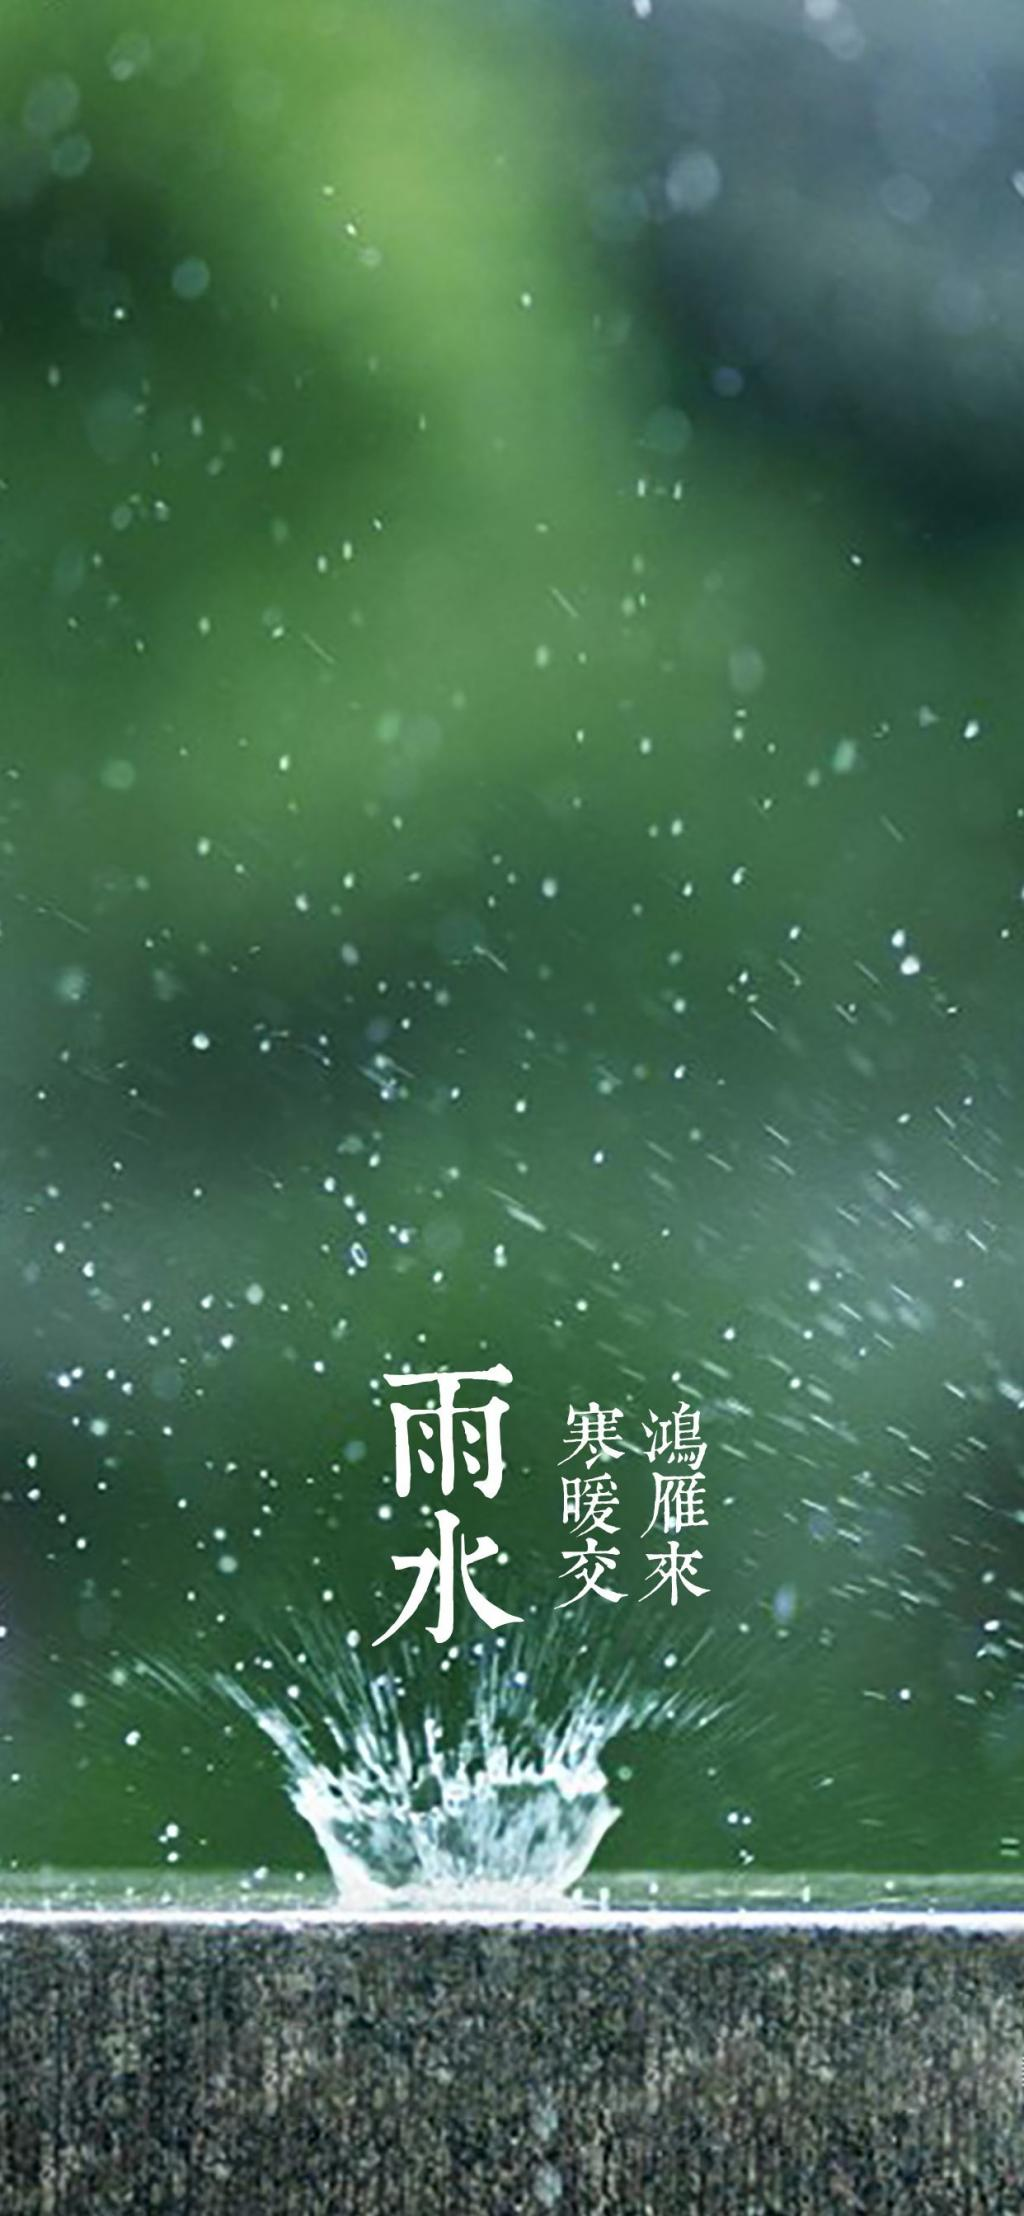 中国の壁紙ポリスターセンター雨太陽の用語 ロック画面の画像 Hdの携帯電話の壁紙 風景を持っています 壁紙